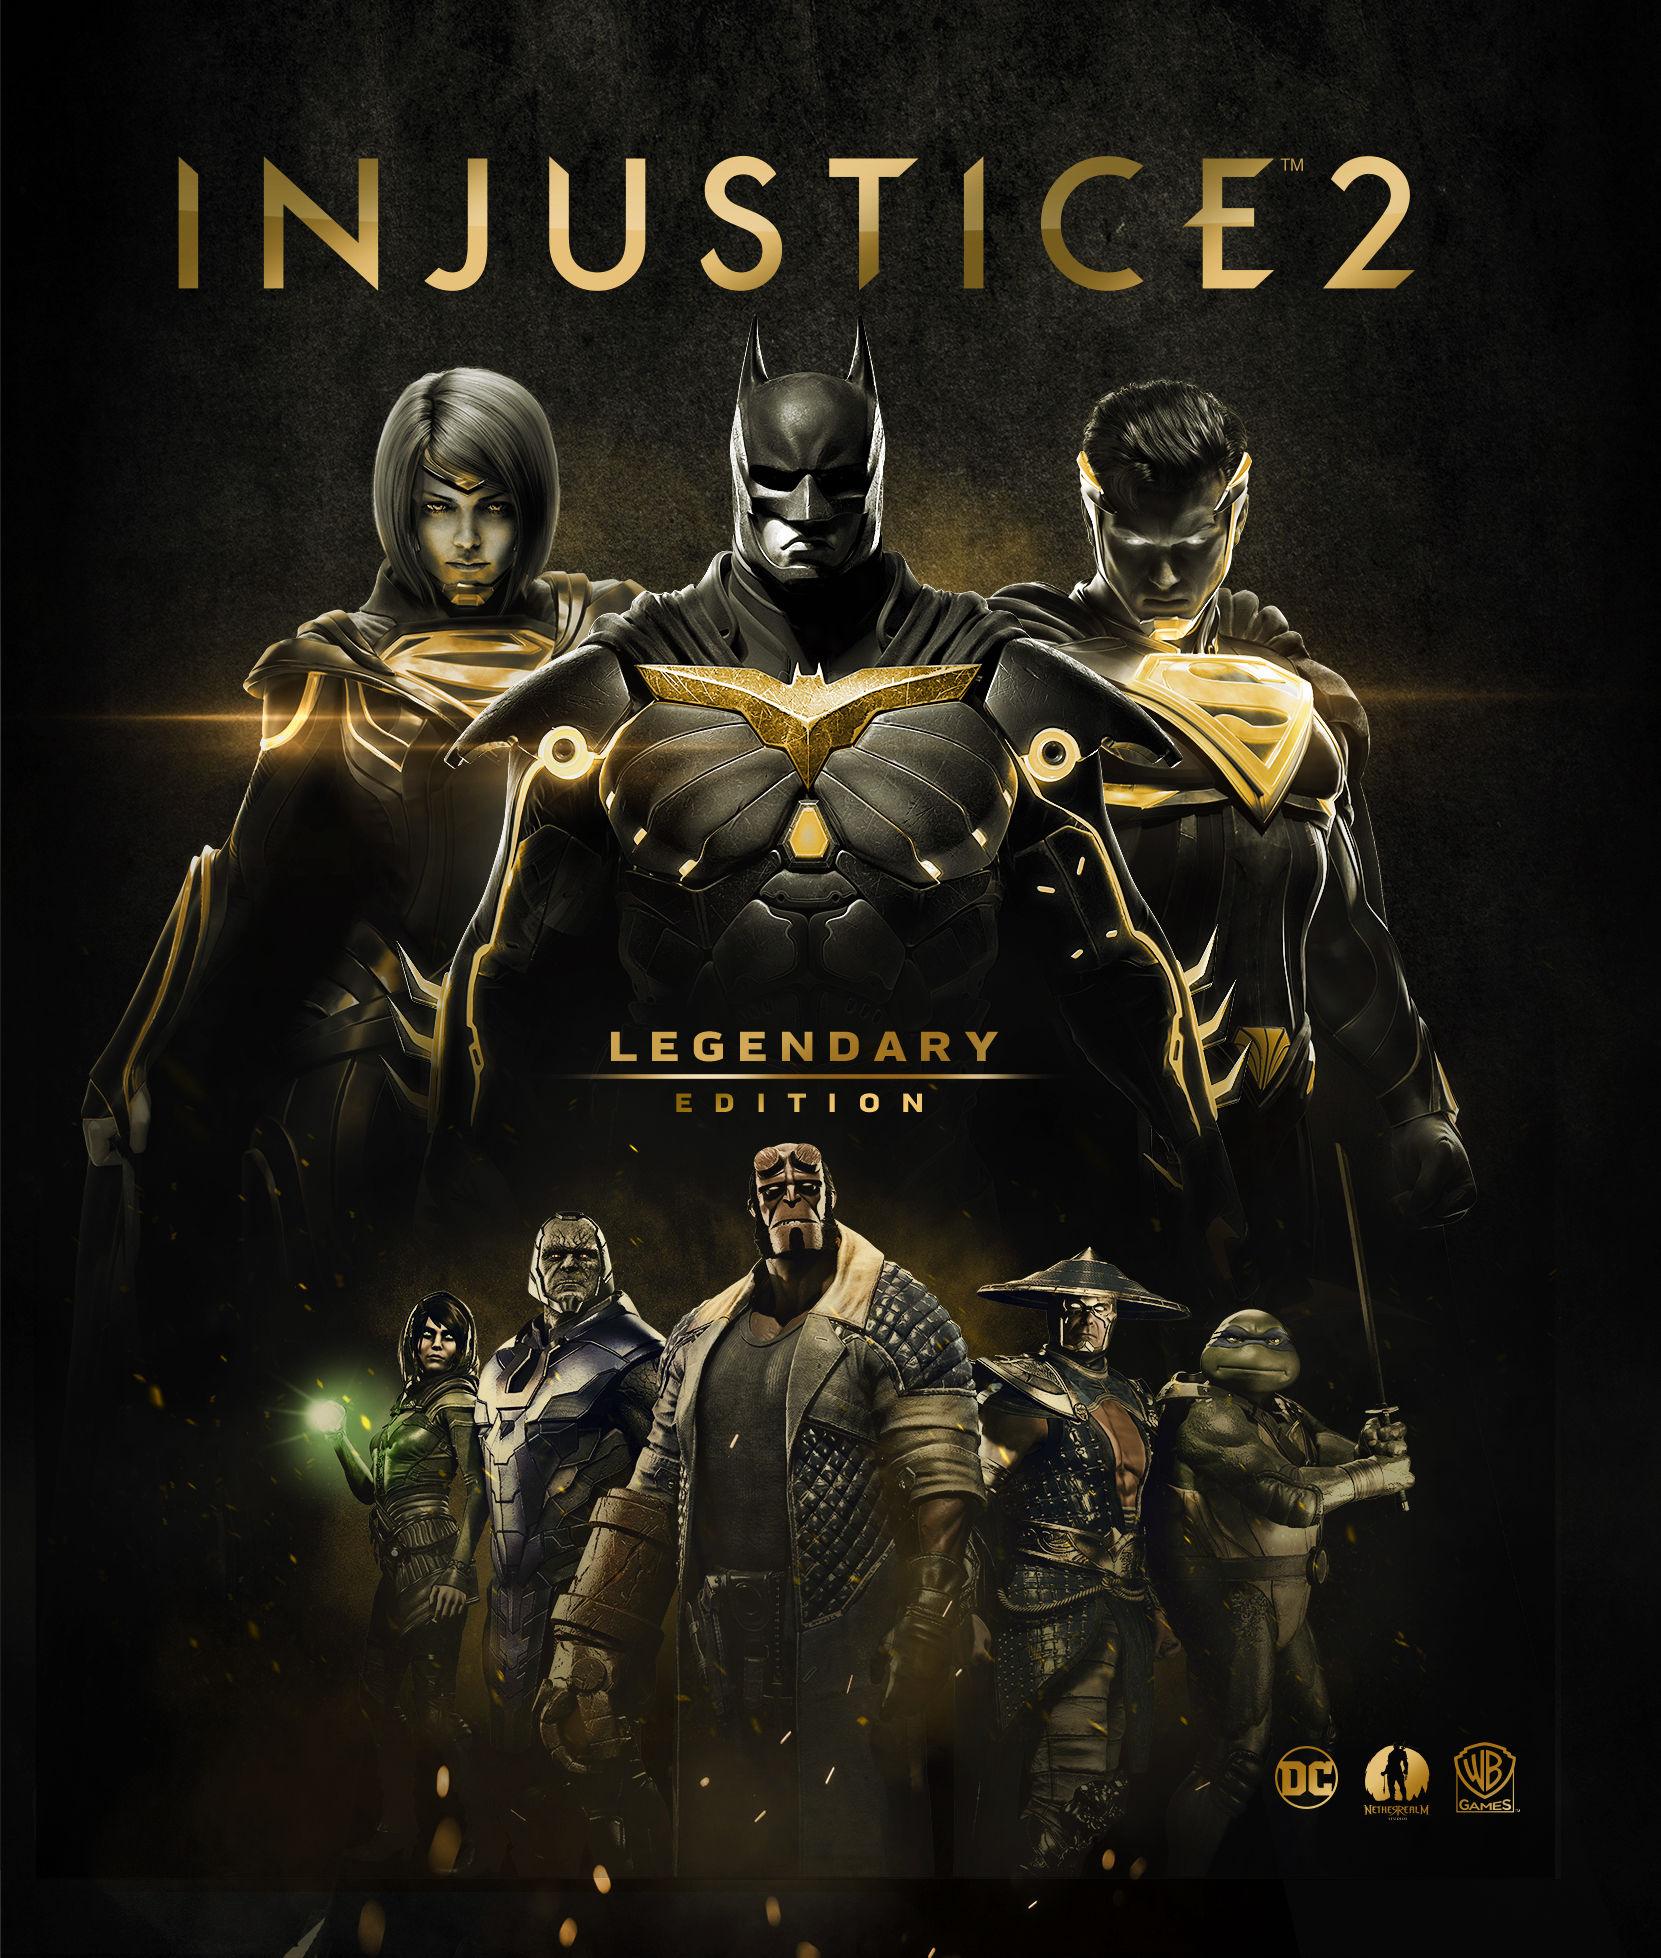 Injustice 2'nin Legendary Edition'ı için geri sayım başladı